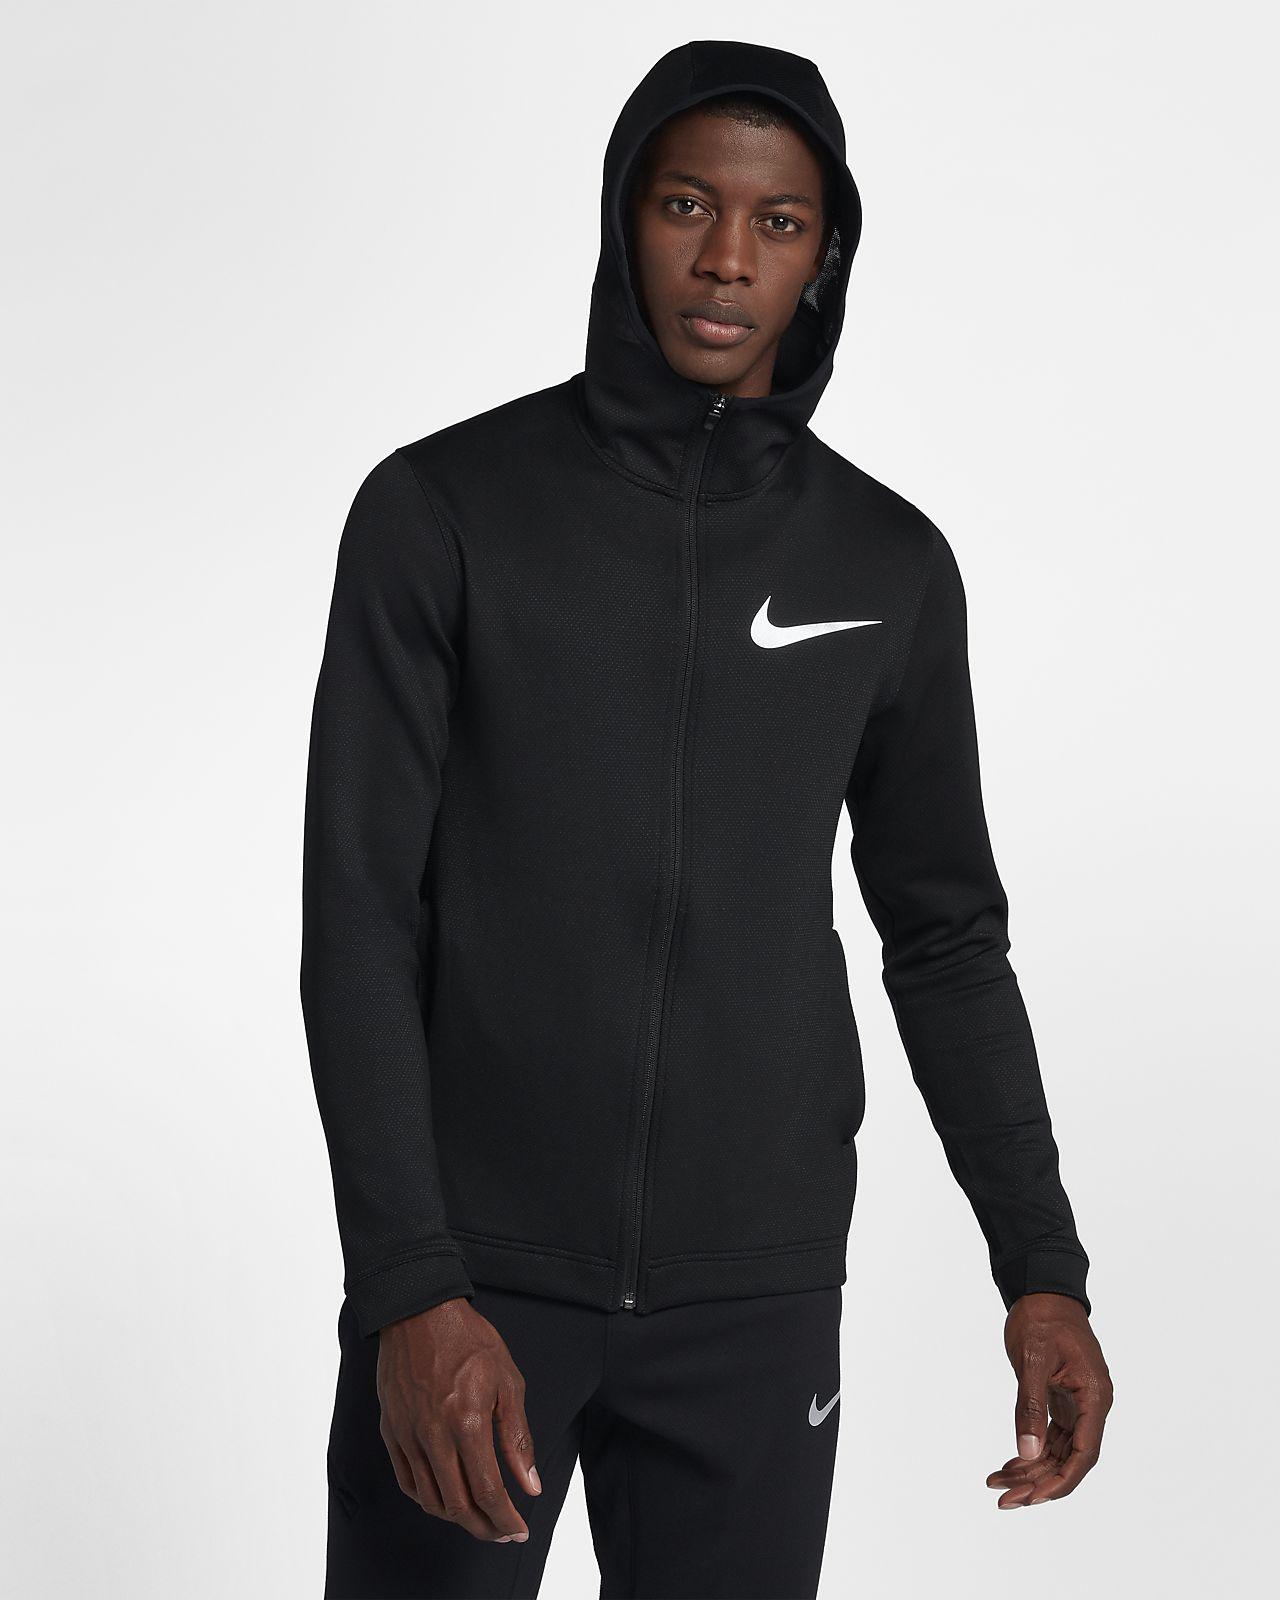 Hoodie de basquetebol com fecho completo Nike Therma Flex Showtime para homem